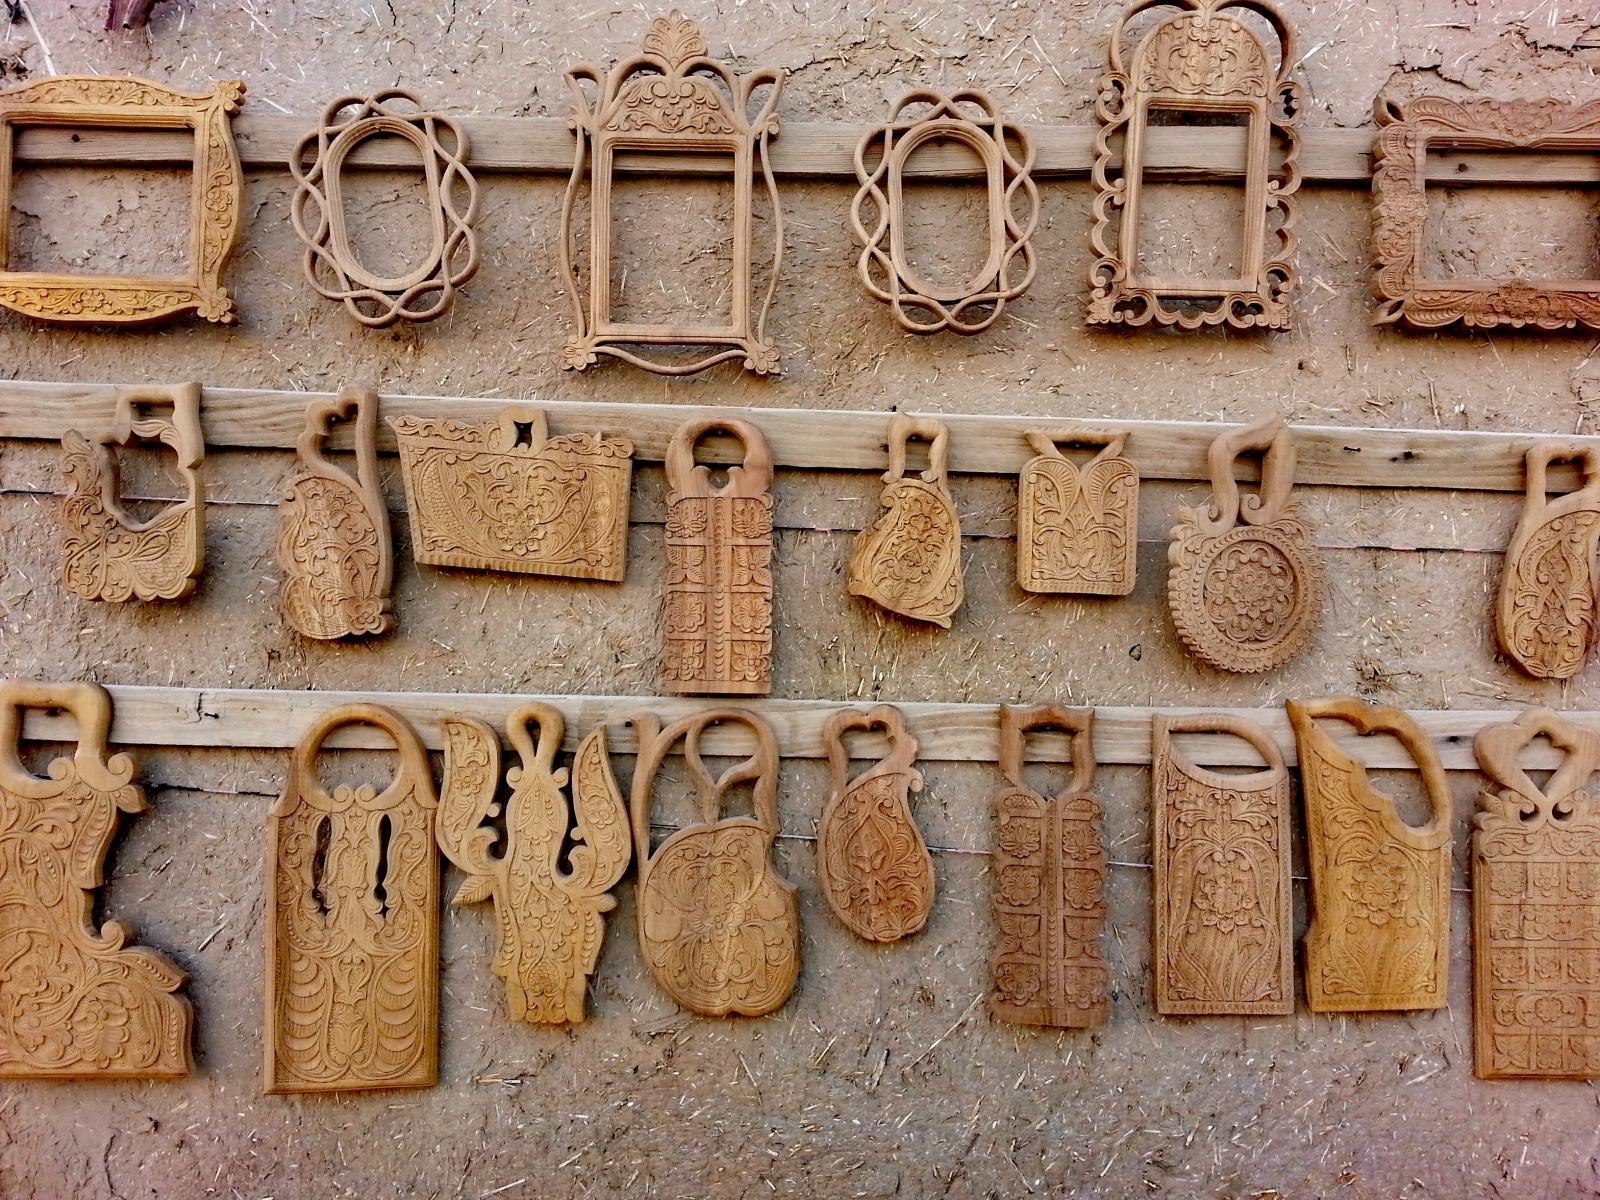 FOTO-NR.-24-Khiva-legno-intarsiato-in-vendita-al-mercato